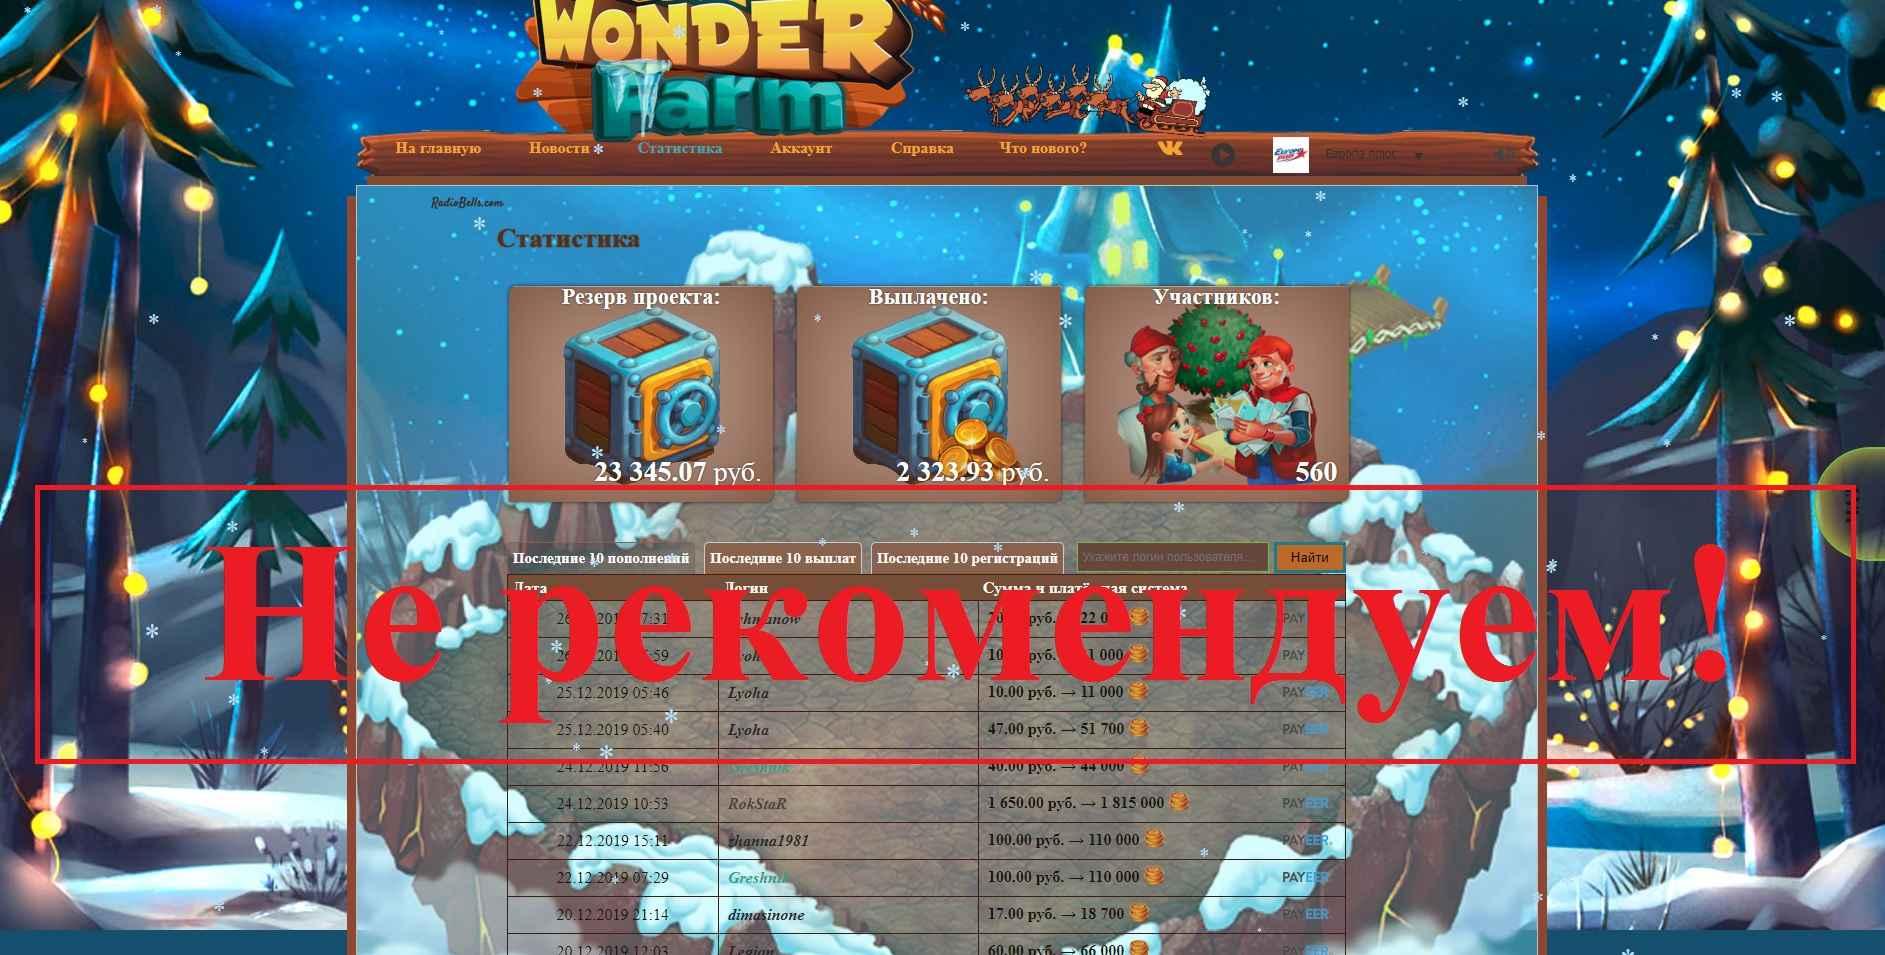 Wonder-Farm – экономическая игра с выводом денег. Отзывы о wonder-farm.biz